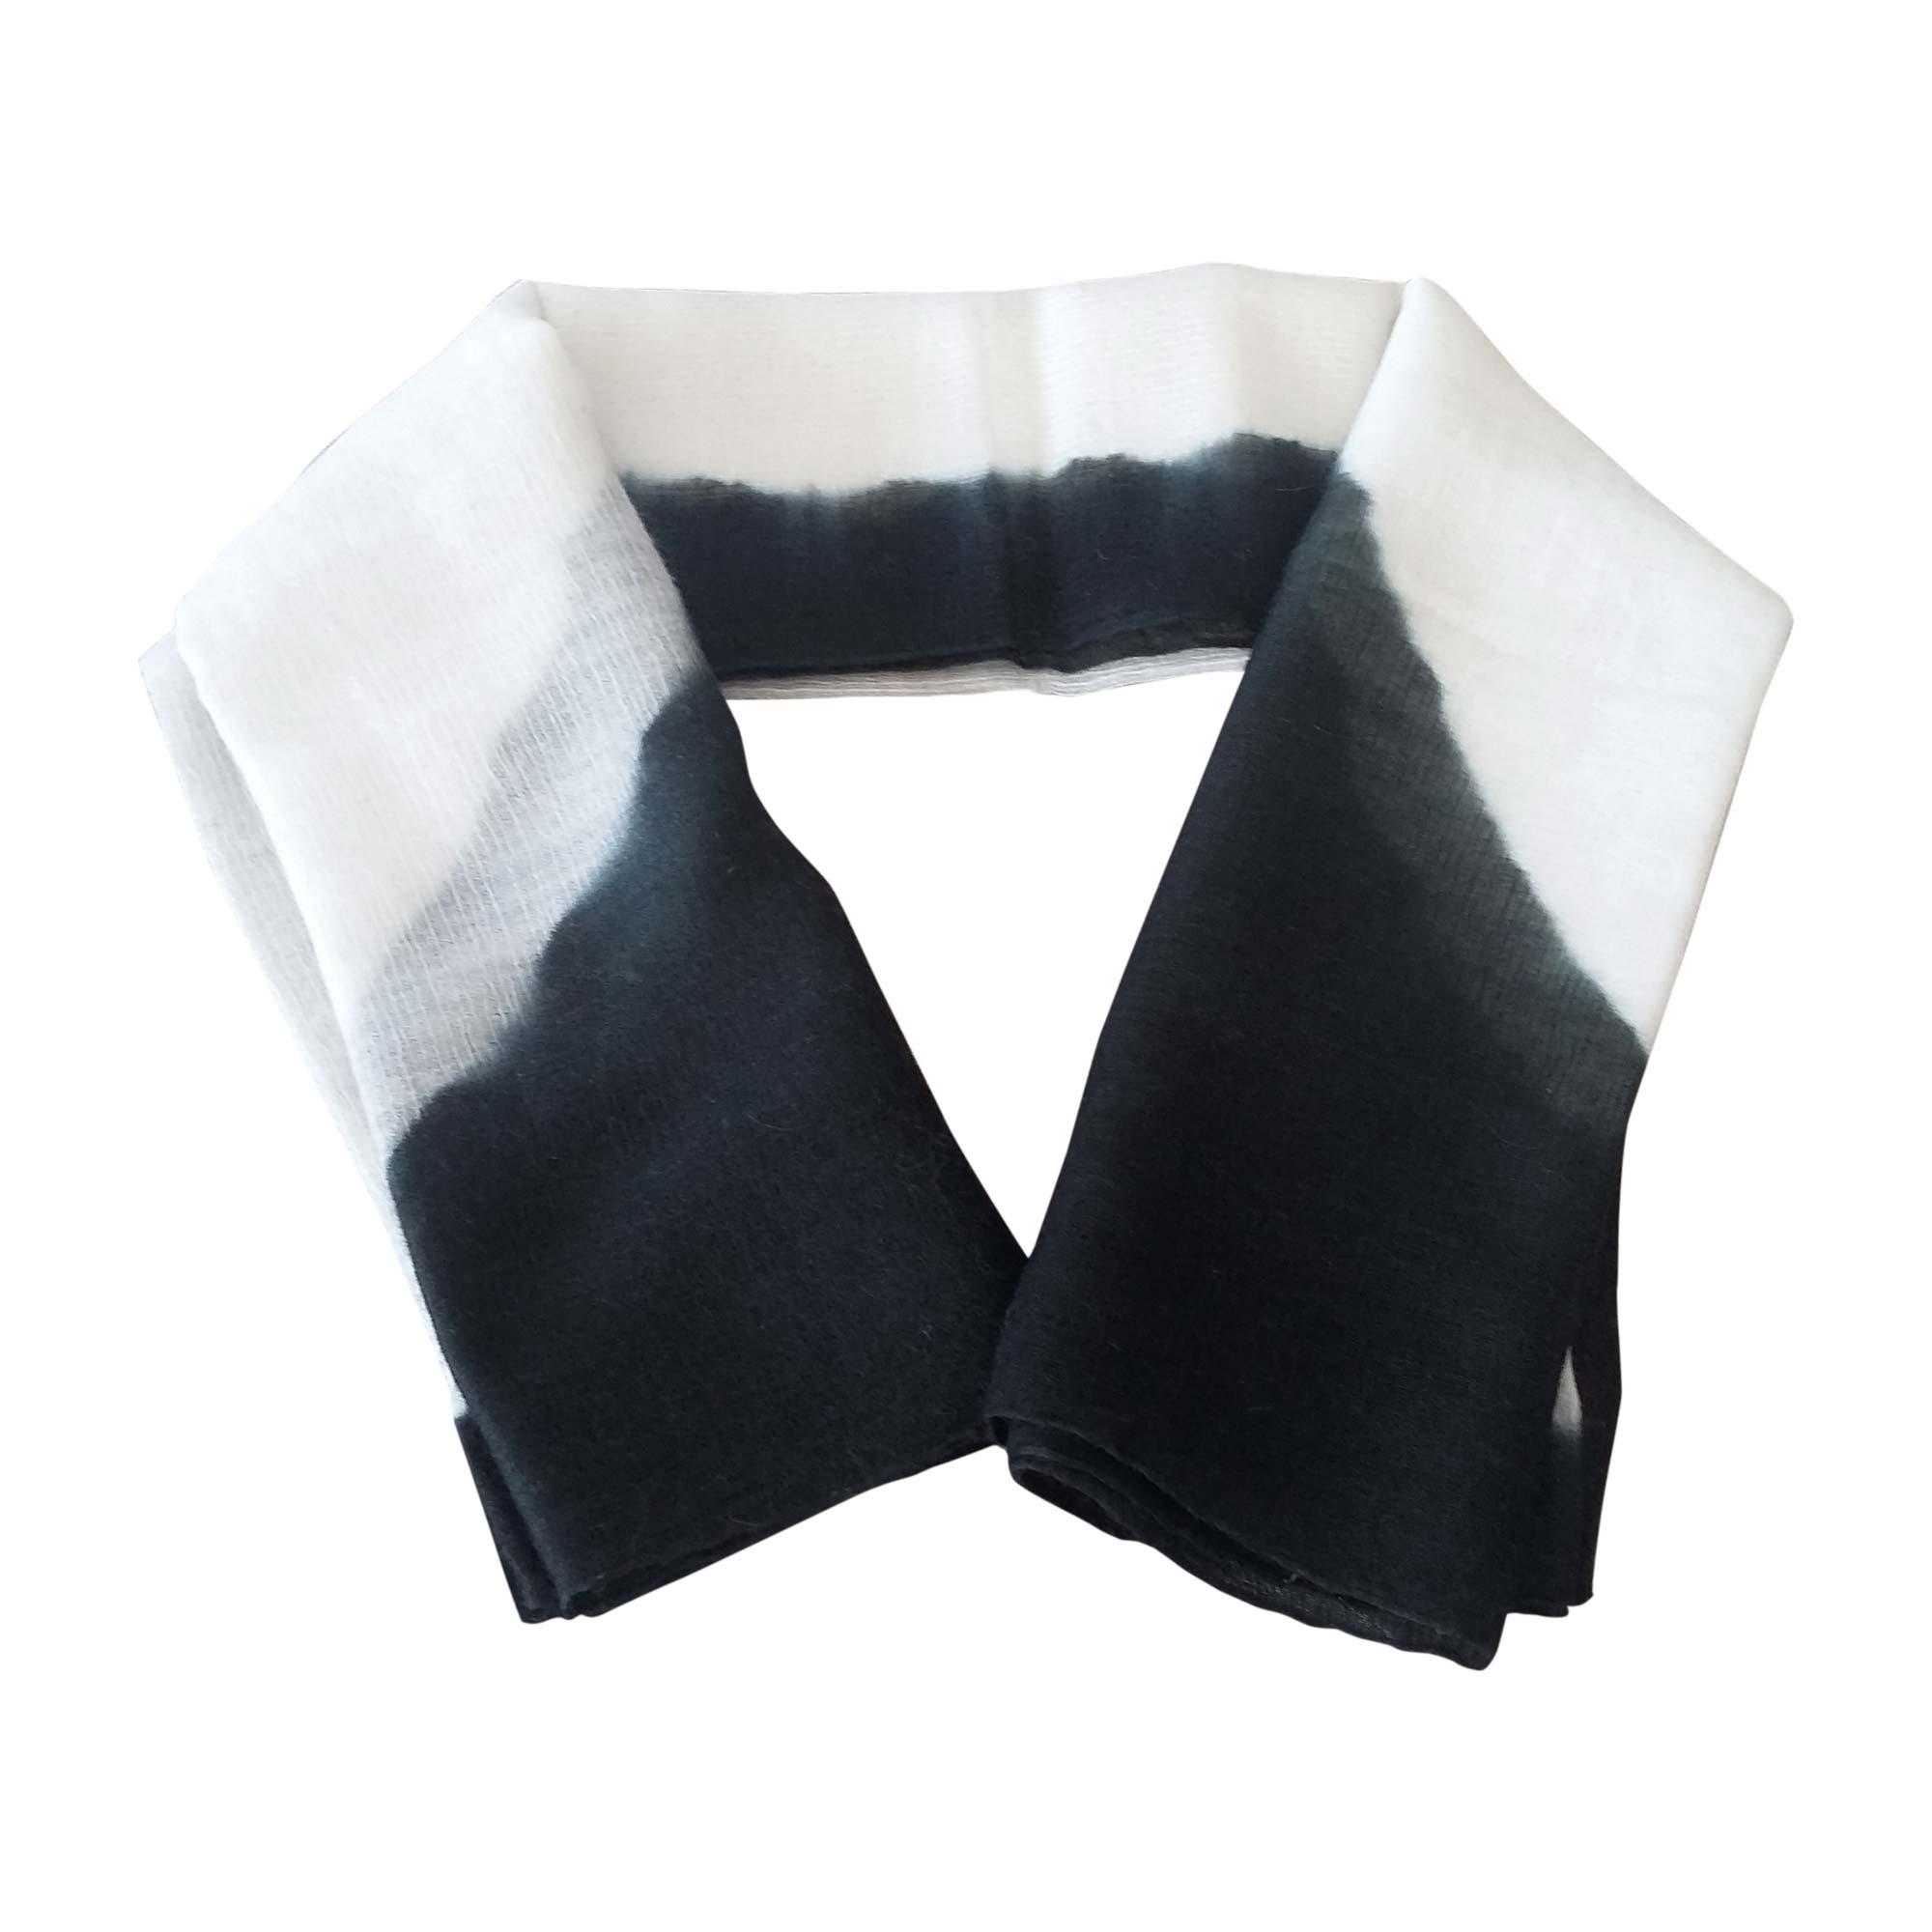 00920600f6ee Foulard HERMÈS carr bicolore noir et blanc - 7198368